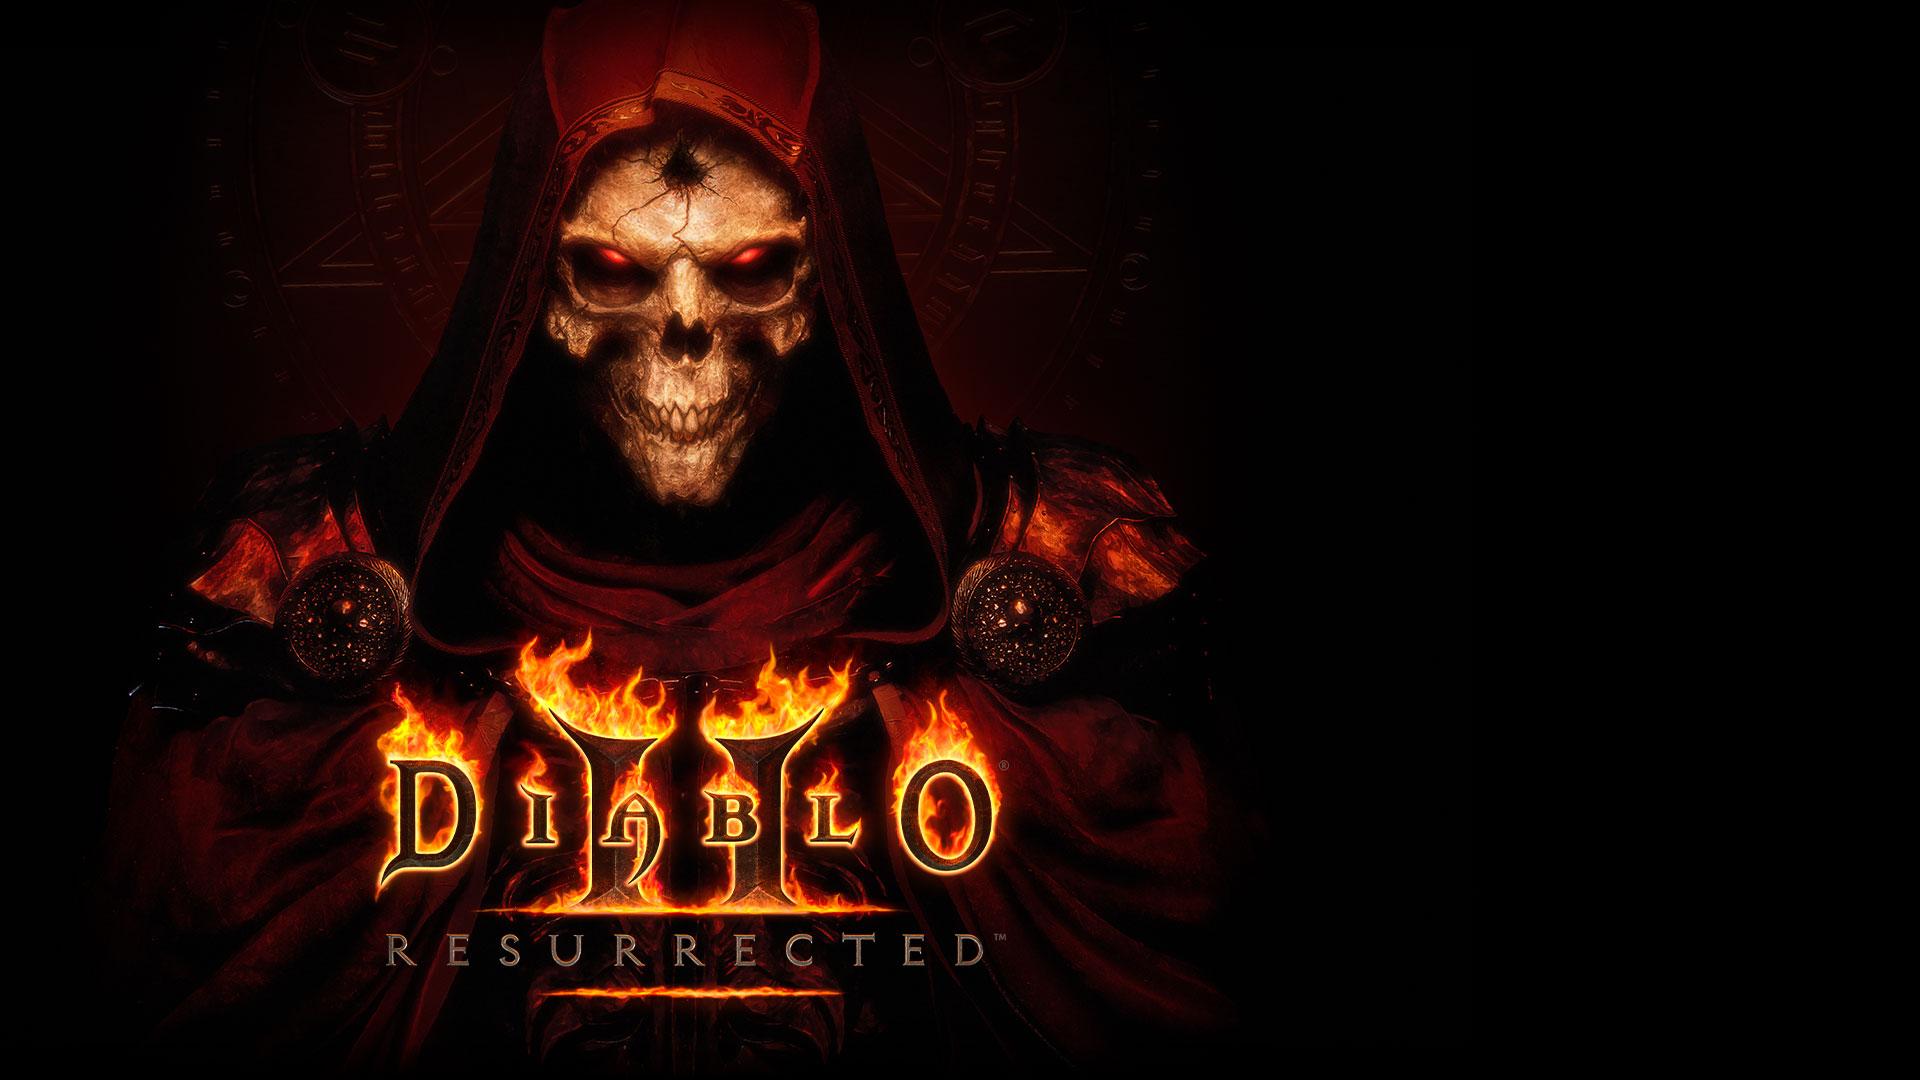 Logo Diablo2:Resurrected sur un squelette aux yeux rouges brillants et portant une cape rouge foncé.